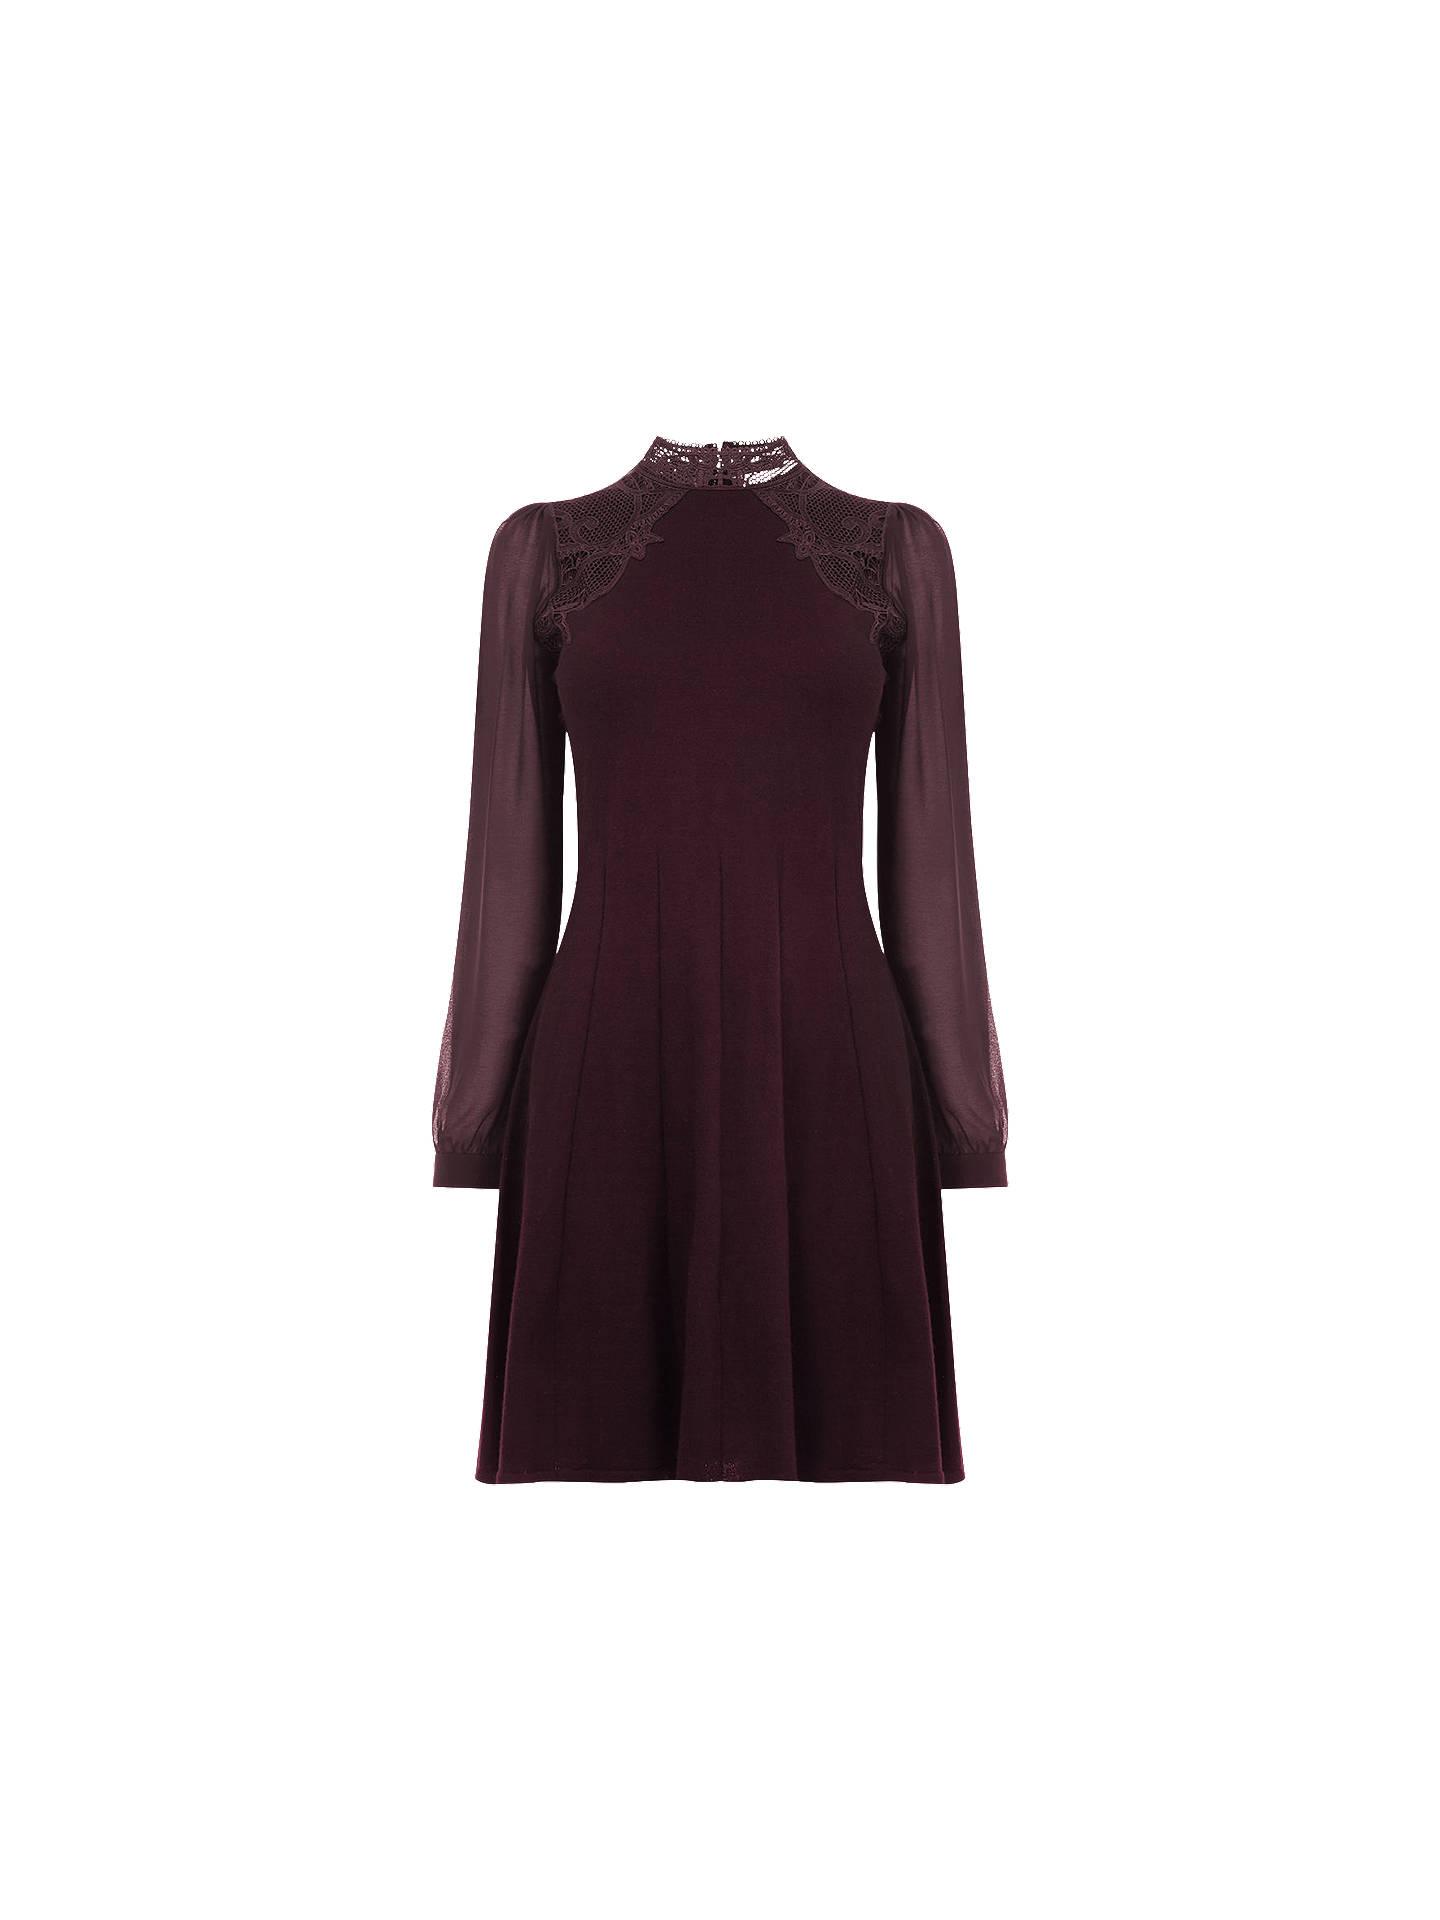 38759588cadc BuyOasis Lace Swing Dress